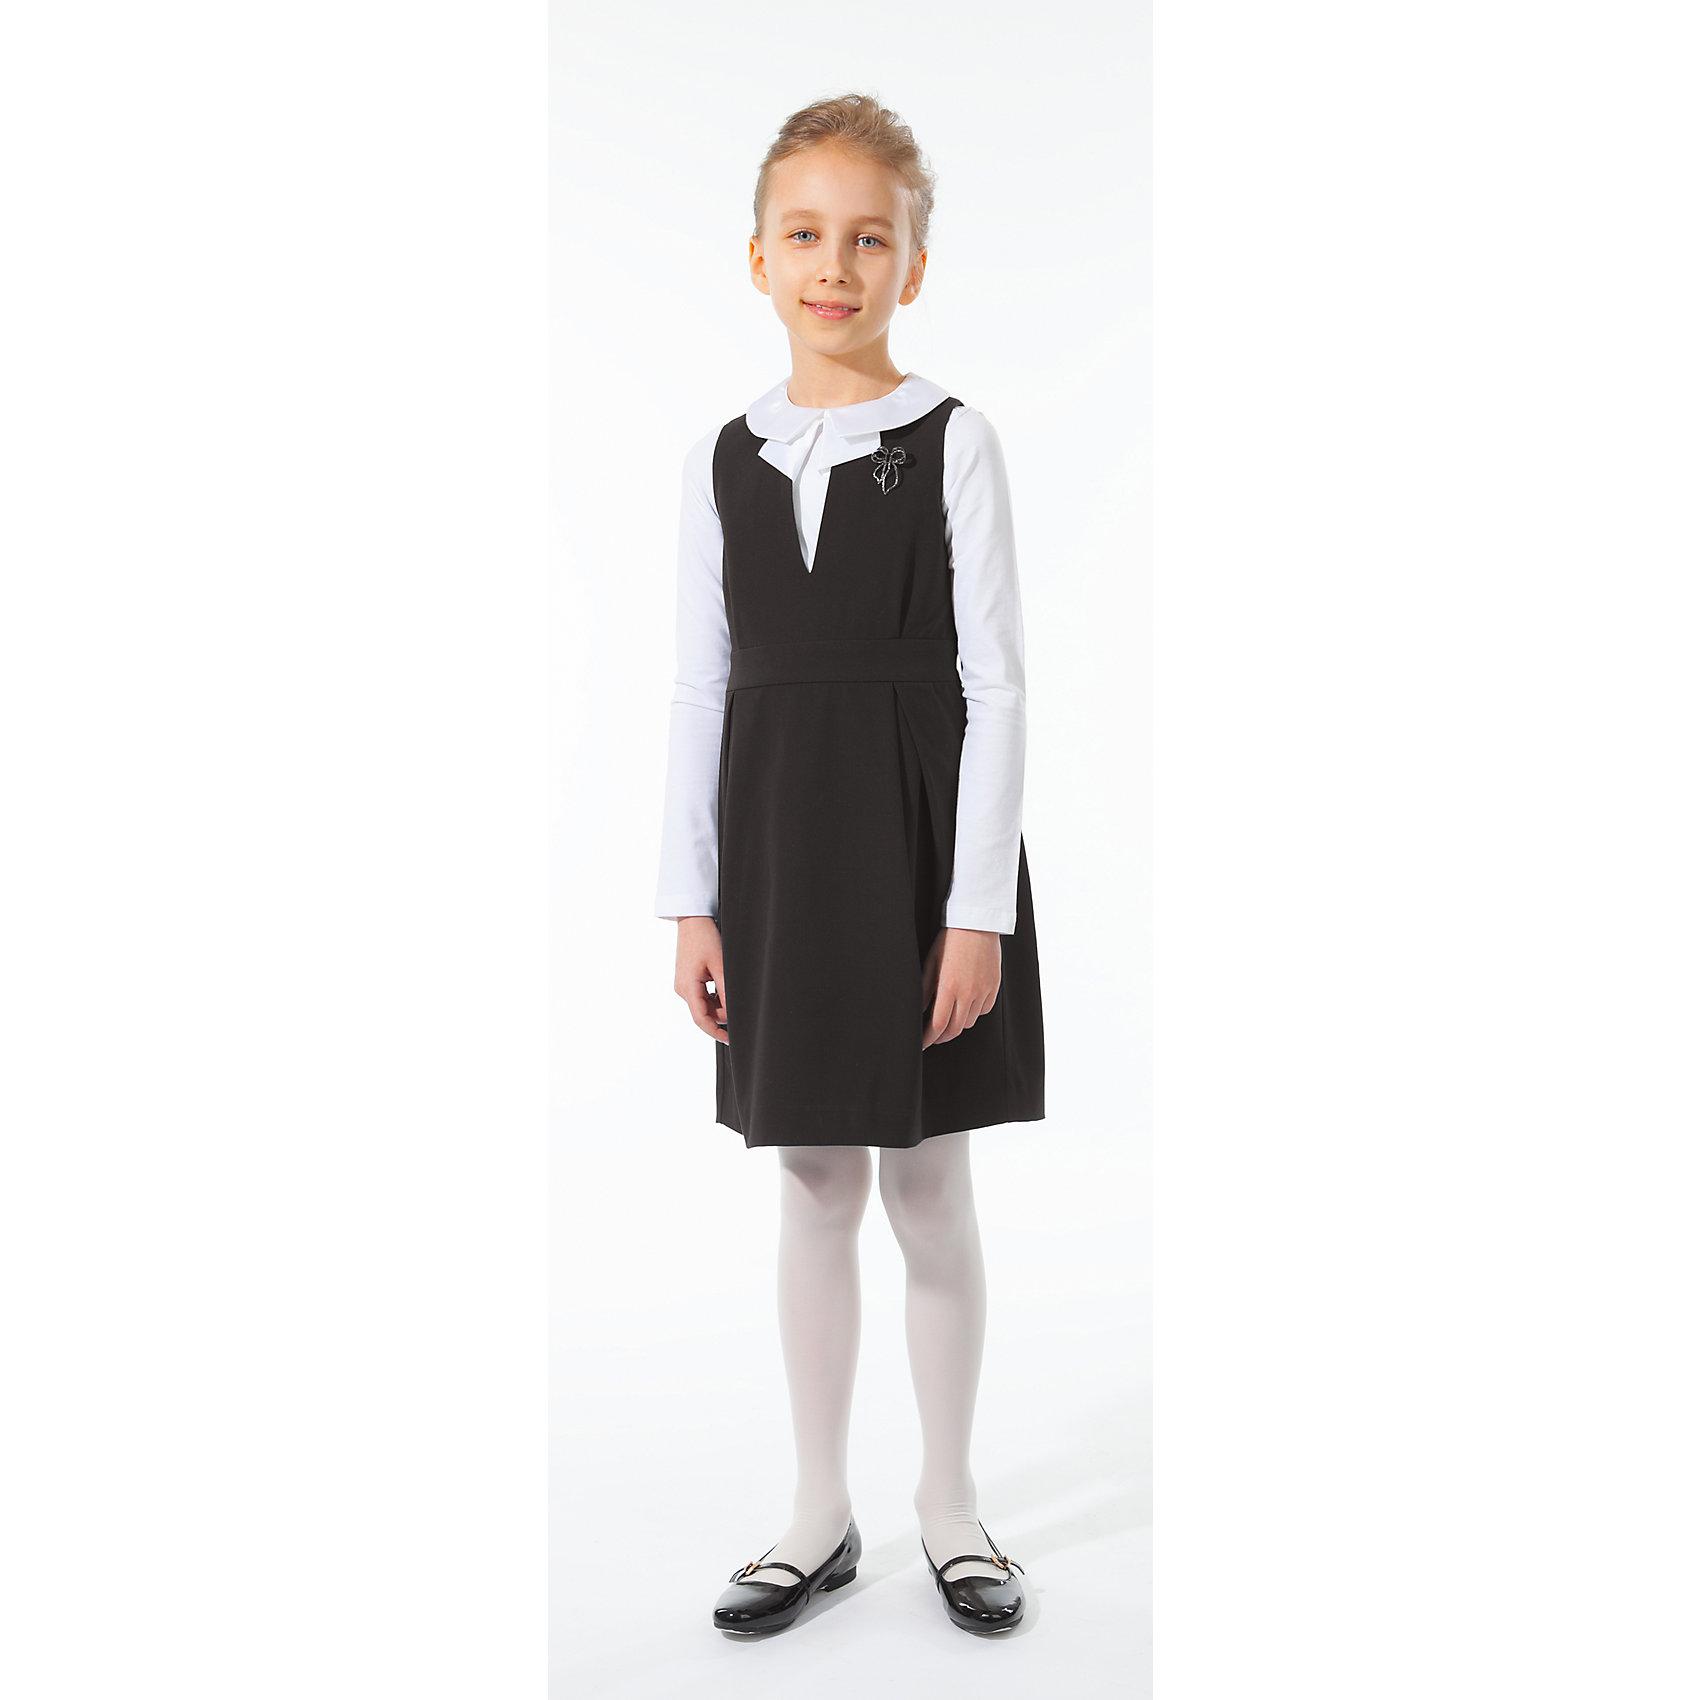 Сарафан Silver SpoonПлатья и сарафаны<br>Сарафан Silver Spoon (Сильвер Спун) - замечательно решение для маленьких модниц, которые хотят и на школьных занятиях выглядеть стильно и неповторимо. Элегантная модель очень легкая и комфортная, ткань приятна на ощупь, не раздражает кожу и позволяет ей дышать. У сарафана приталенный силуэт, широкие бретельки, горловина с V-образный вырезом, застежка-молния на спине. Украшен съемной брошкой в виде бабочки. Отлично сочетается с блузками, рубашками и водолазками. Все модели Сильвер Спун предназначены для повседневного интенсивного использования и выполнены из прочных тканей, которые позволяют вещам выглядеть великолепно на протяжении длительного срока эксплуатации. Рекомендуется щадящая ручная стирка, гладить при низкой температуре.<br><br>Дополнительная информация:<br><br>- Цвет: черный.<br>- Материал: 63% полиэстер, 32% вискоза, 5% спандекс.<br><br> Сарафан, Silver Spoon (Сильвер Спун), можно купить в нашем интернет-магазине.<br><br>Ширина мм: 236<br>Глубина мм: 16<br>Высота мм: 184<br>Вес г: 177<br>Цвет: черный<br>Возраст от месяцев: 132<br>Возраст до месяцев: 144<br>Пол: Женский<br>Возраст: Детский<br>Размер: 152,158,146,134,128,140<br>SKU: 4146127